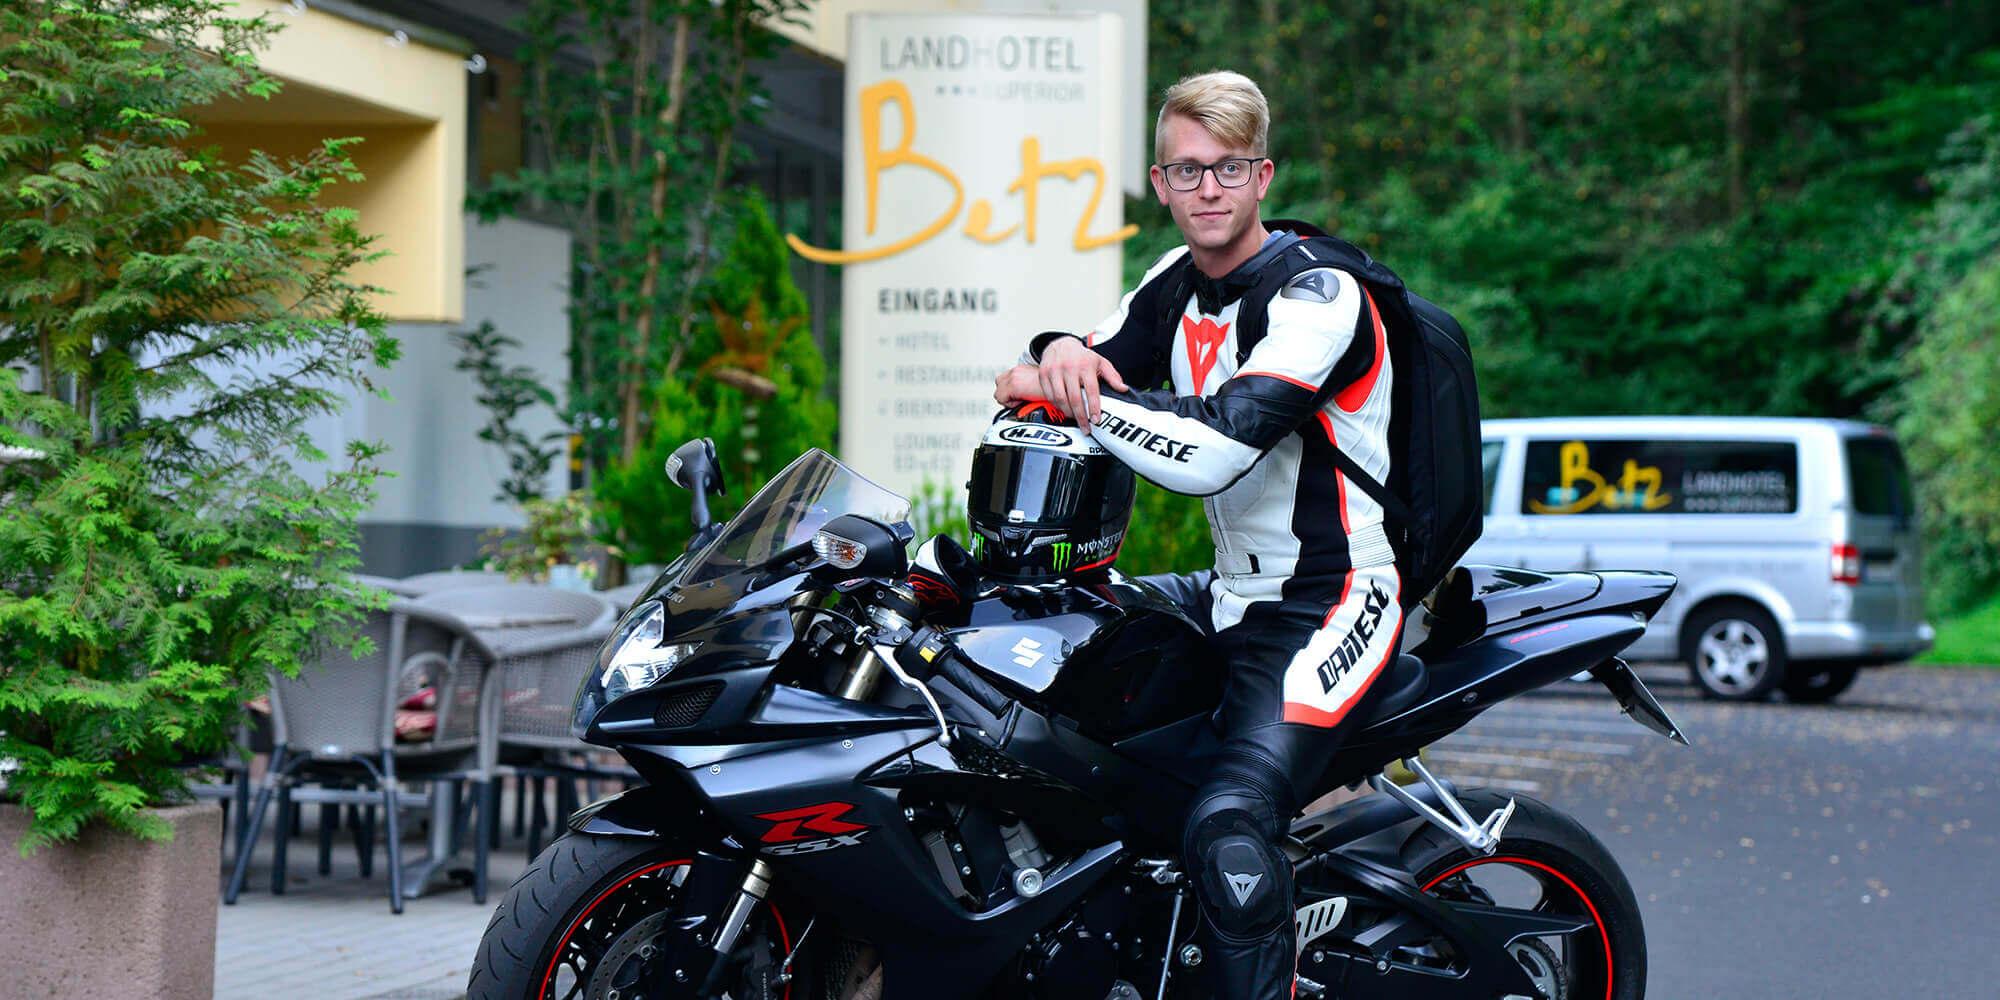 Motorradfahrer vor unserem Hotel